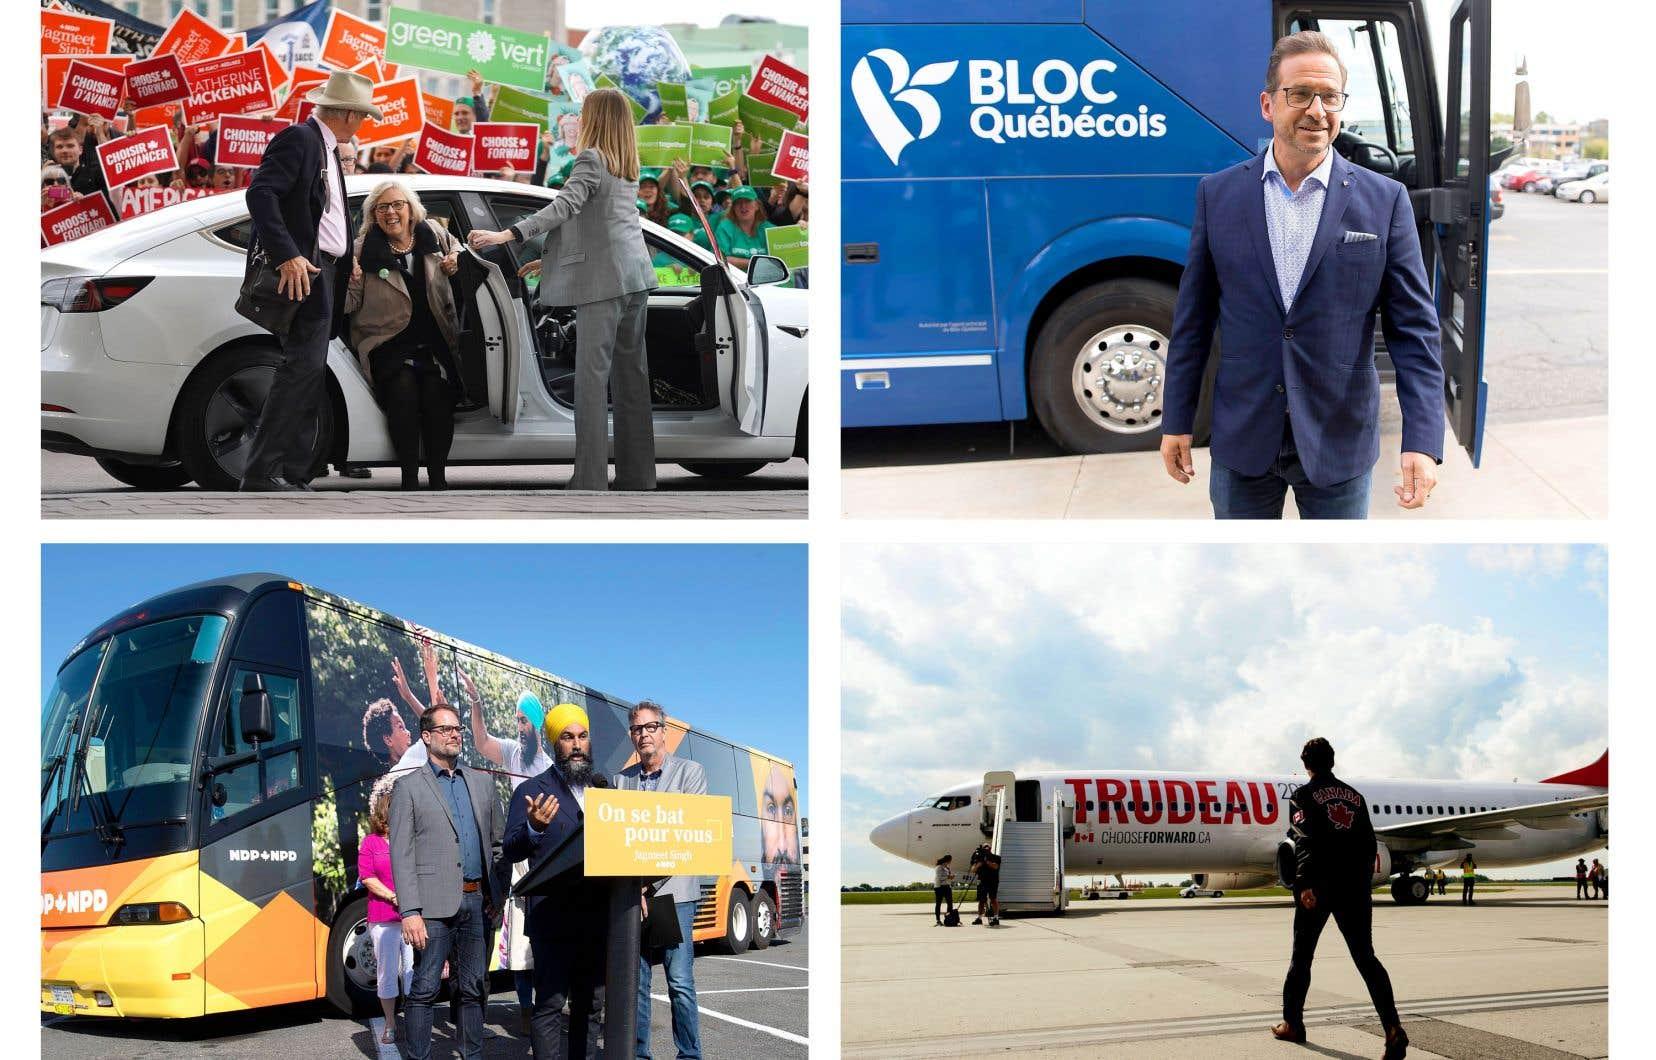 Les verts, le Bloc, le NPD et le PLC ont acheté des crédits carbone pour compenser la pollution de leurs véhicules de tournée électorale.